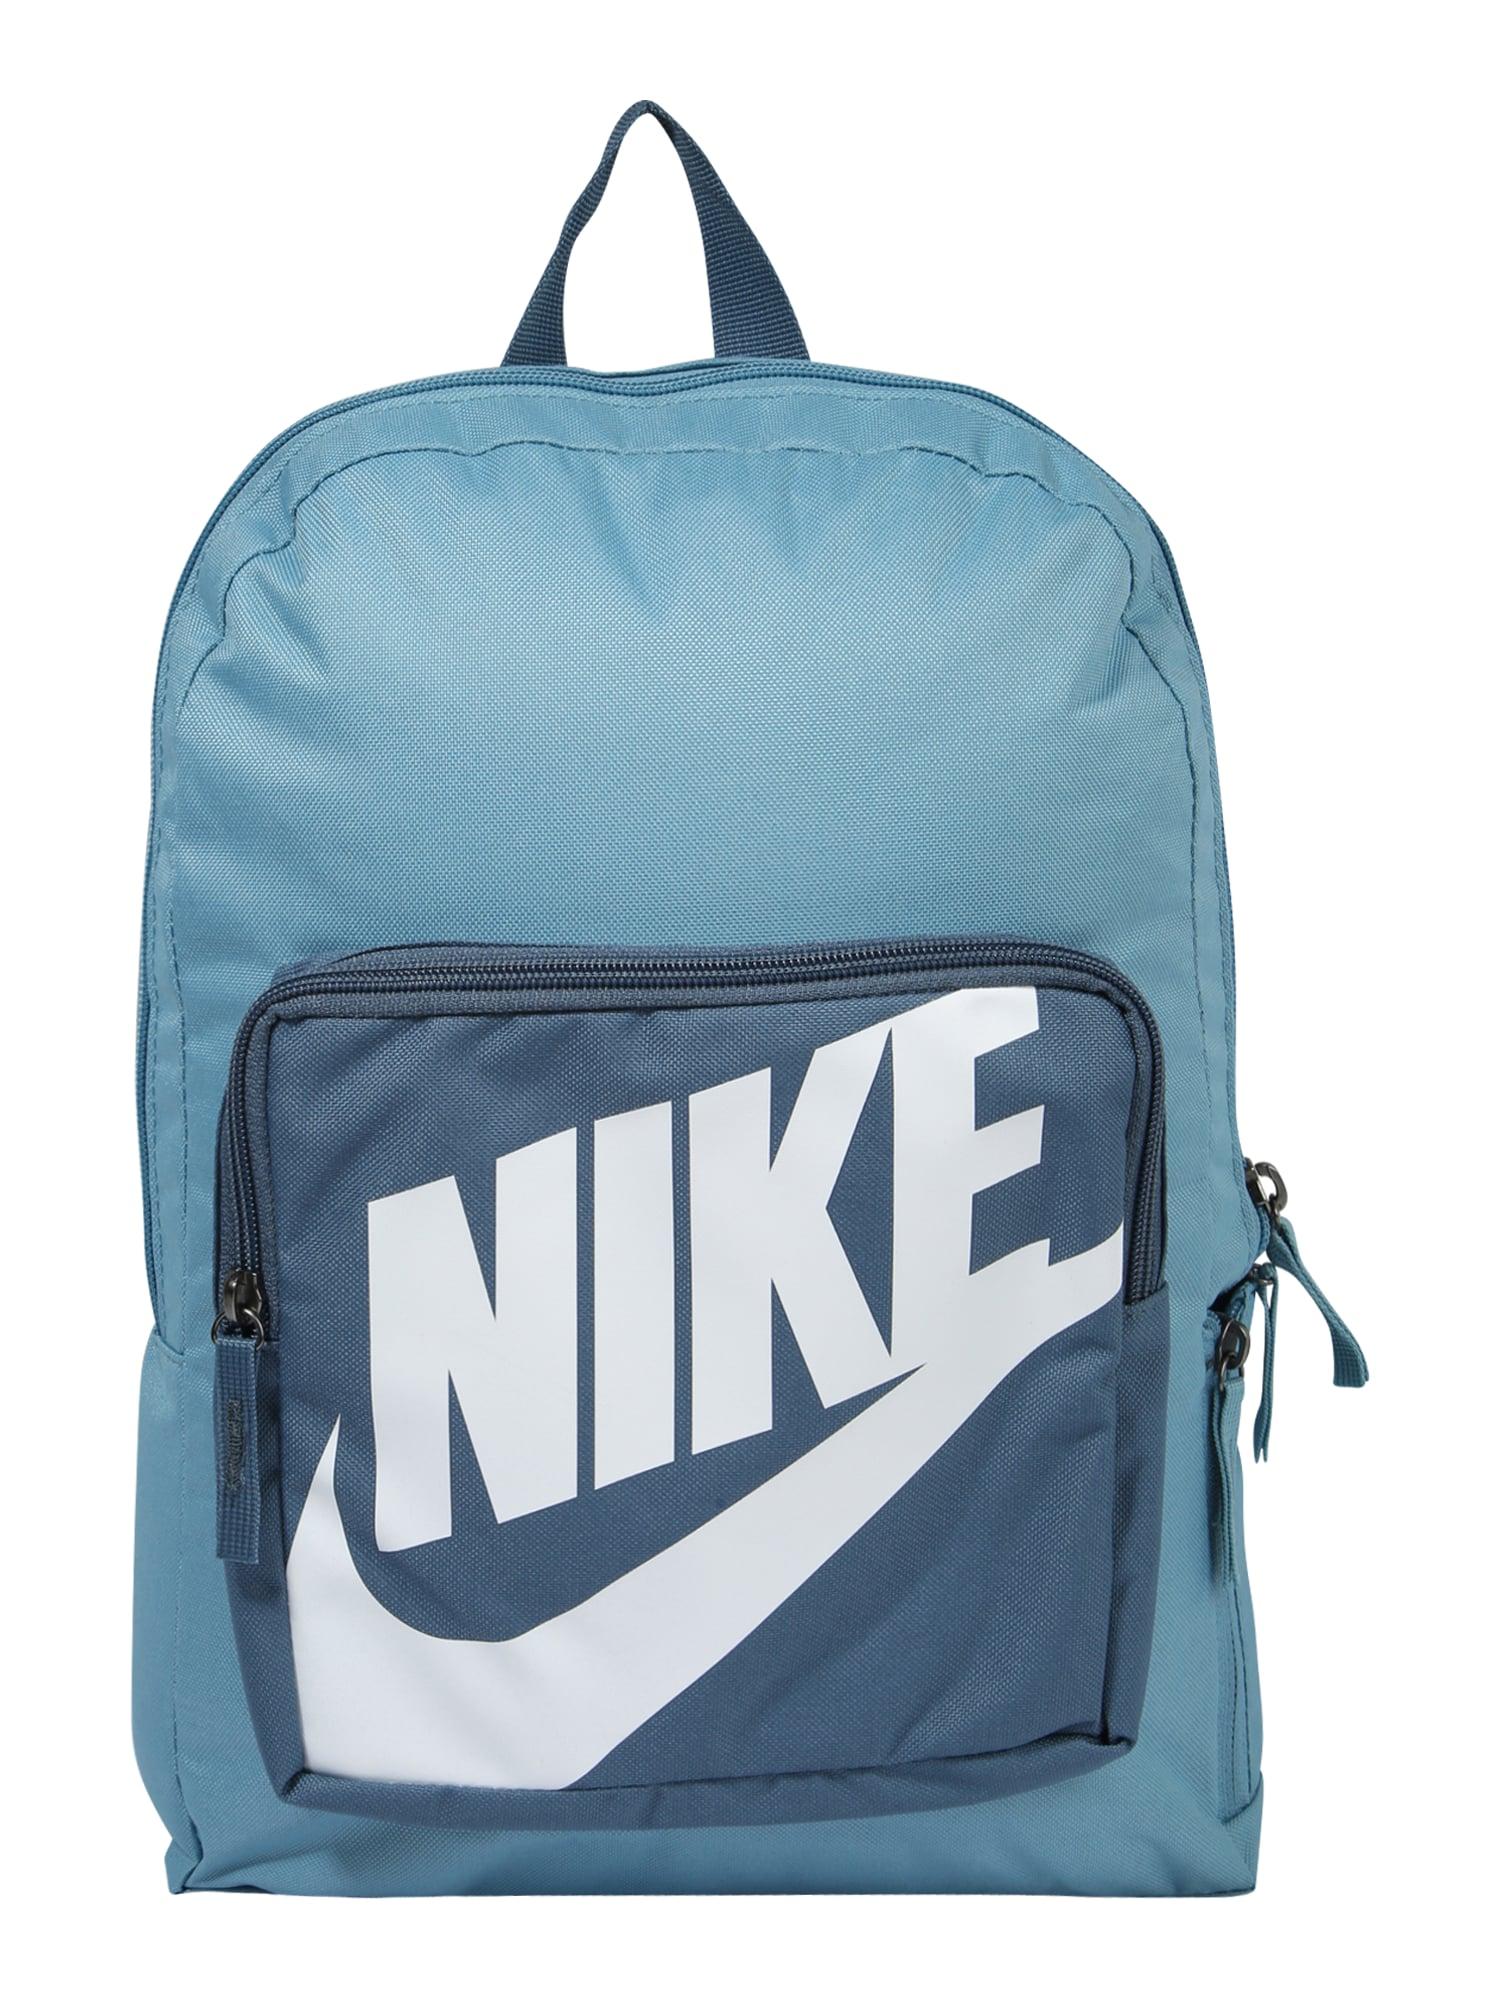 Nike Sportswear Kuprinė 'Nike Classic' turkio spalva / tamsiai mėlyna